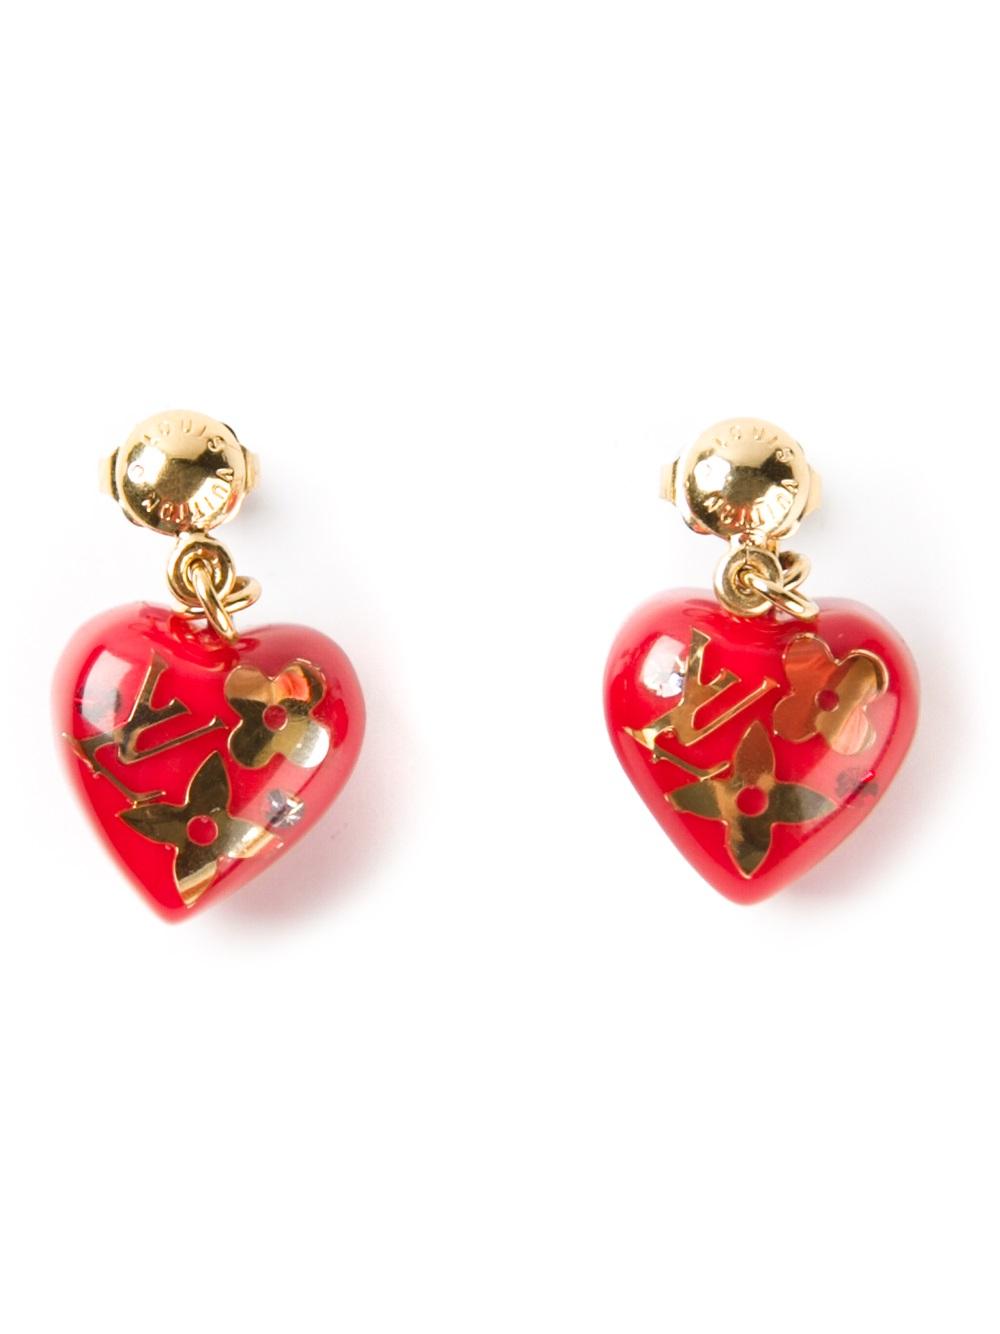 Lyst Louis Vuitton Heart Earrings in Red